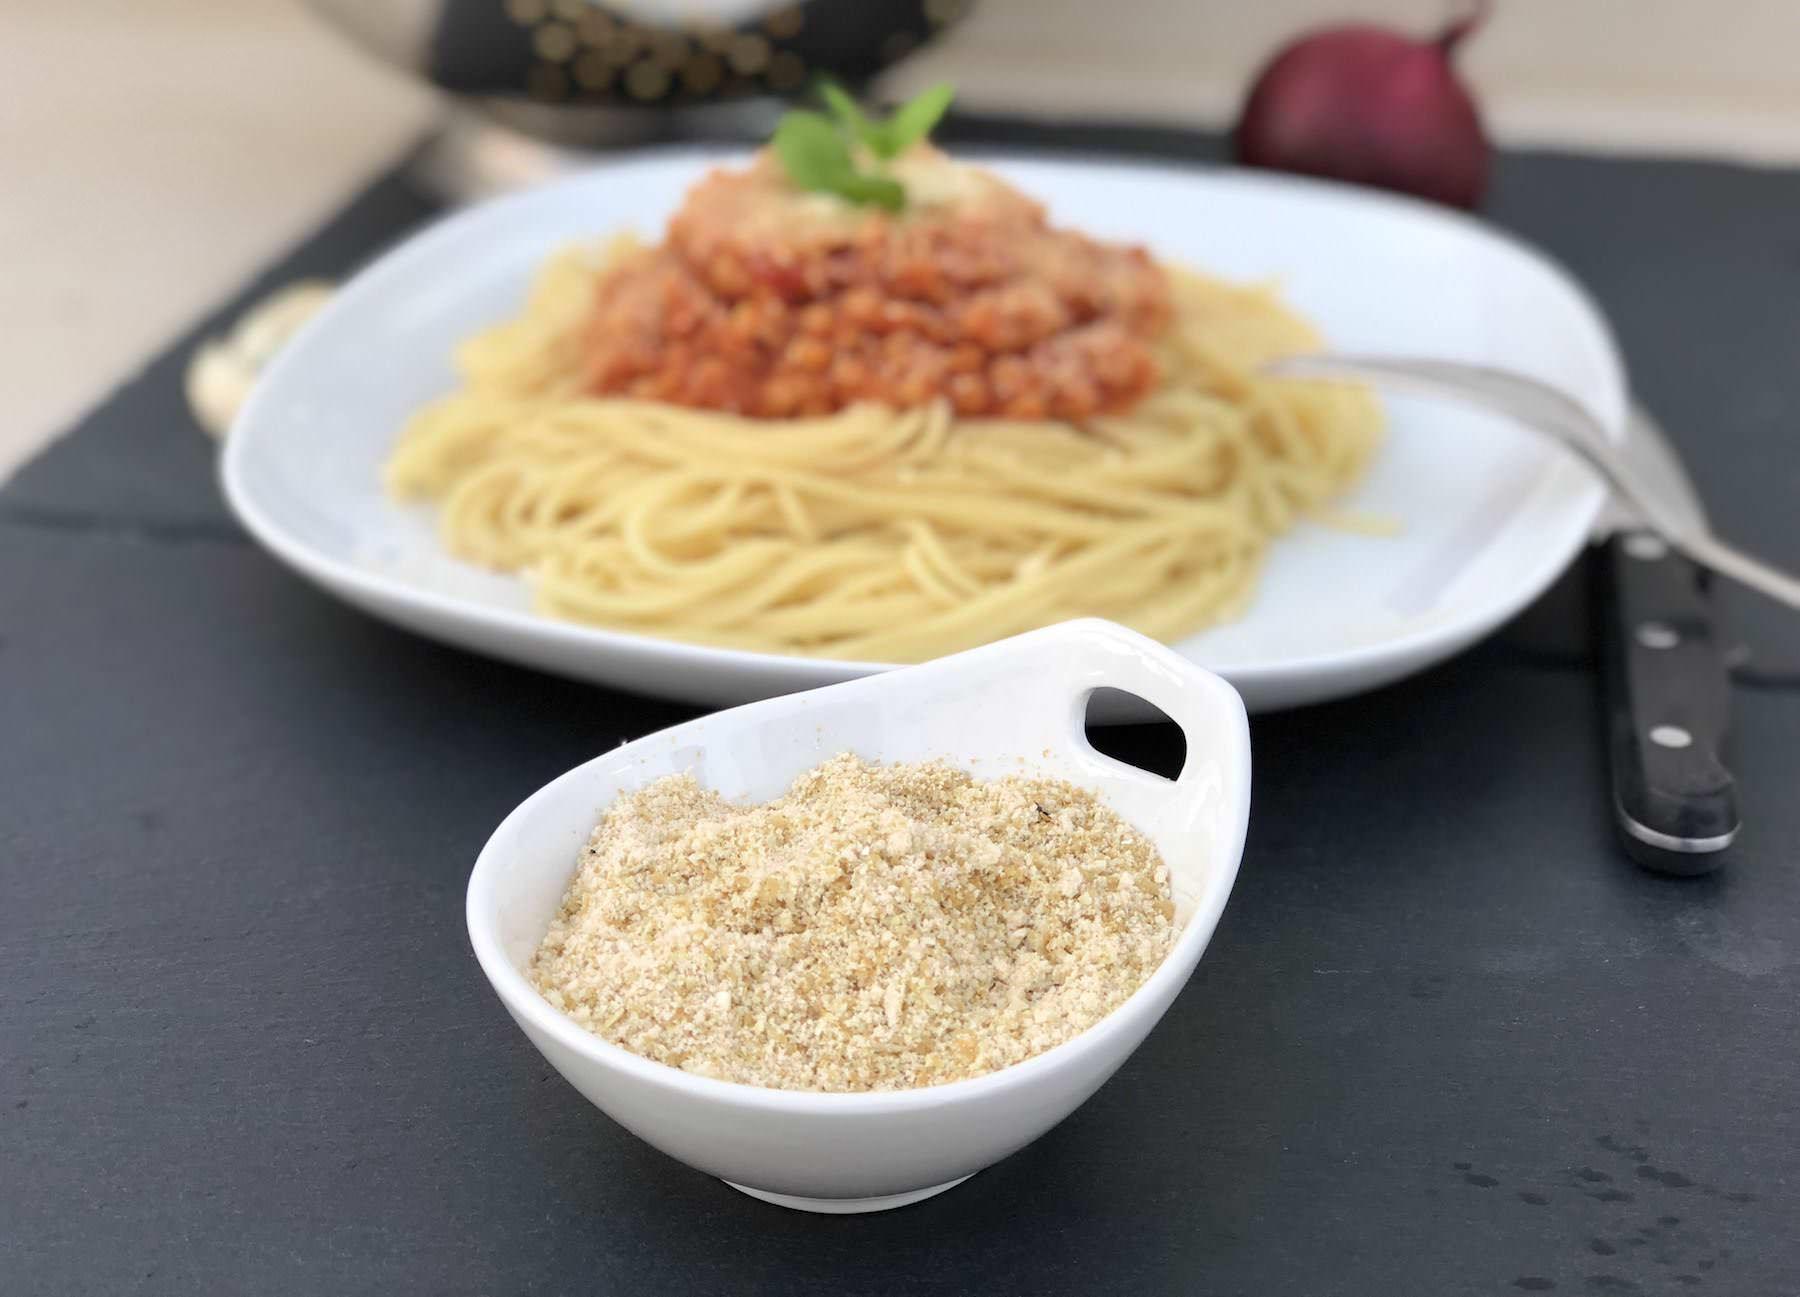 Einfacher veganer Parmesan rezept mit cashews und Hefeflocken zum selber machen